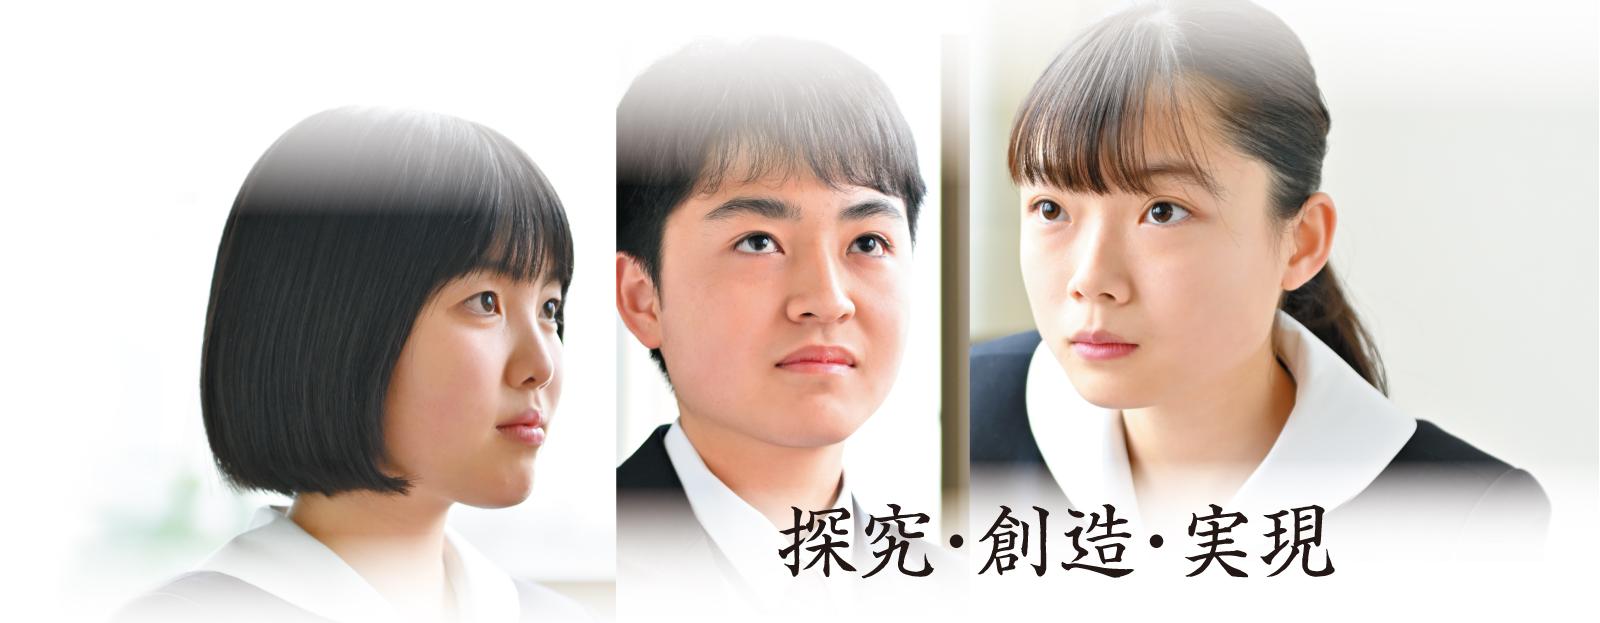 藤井中学校   探求・創造・実現